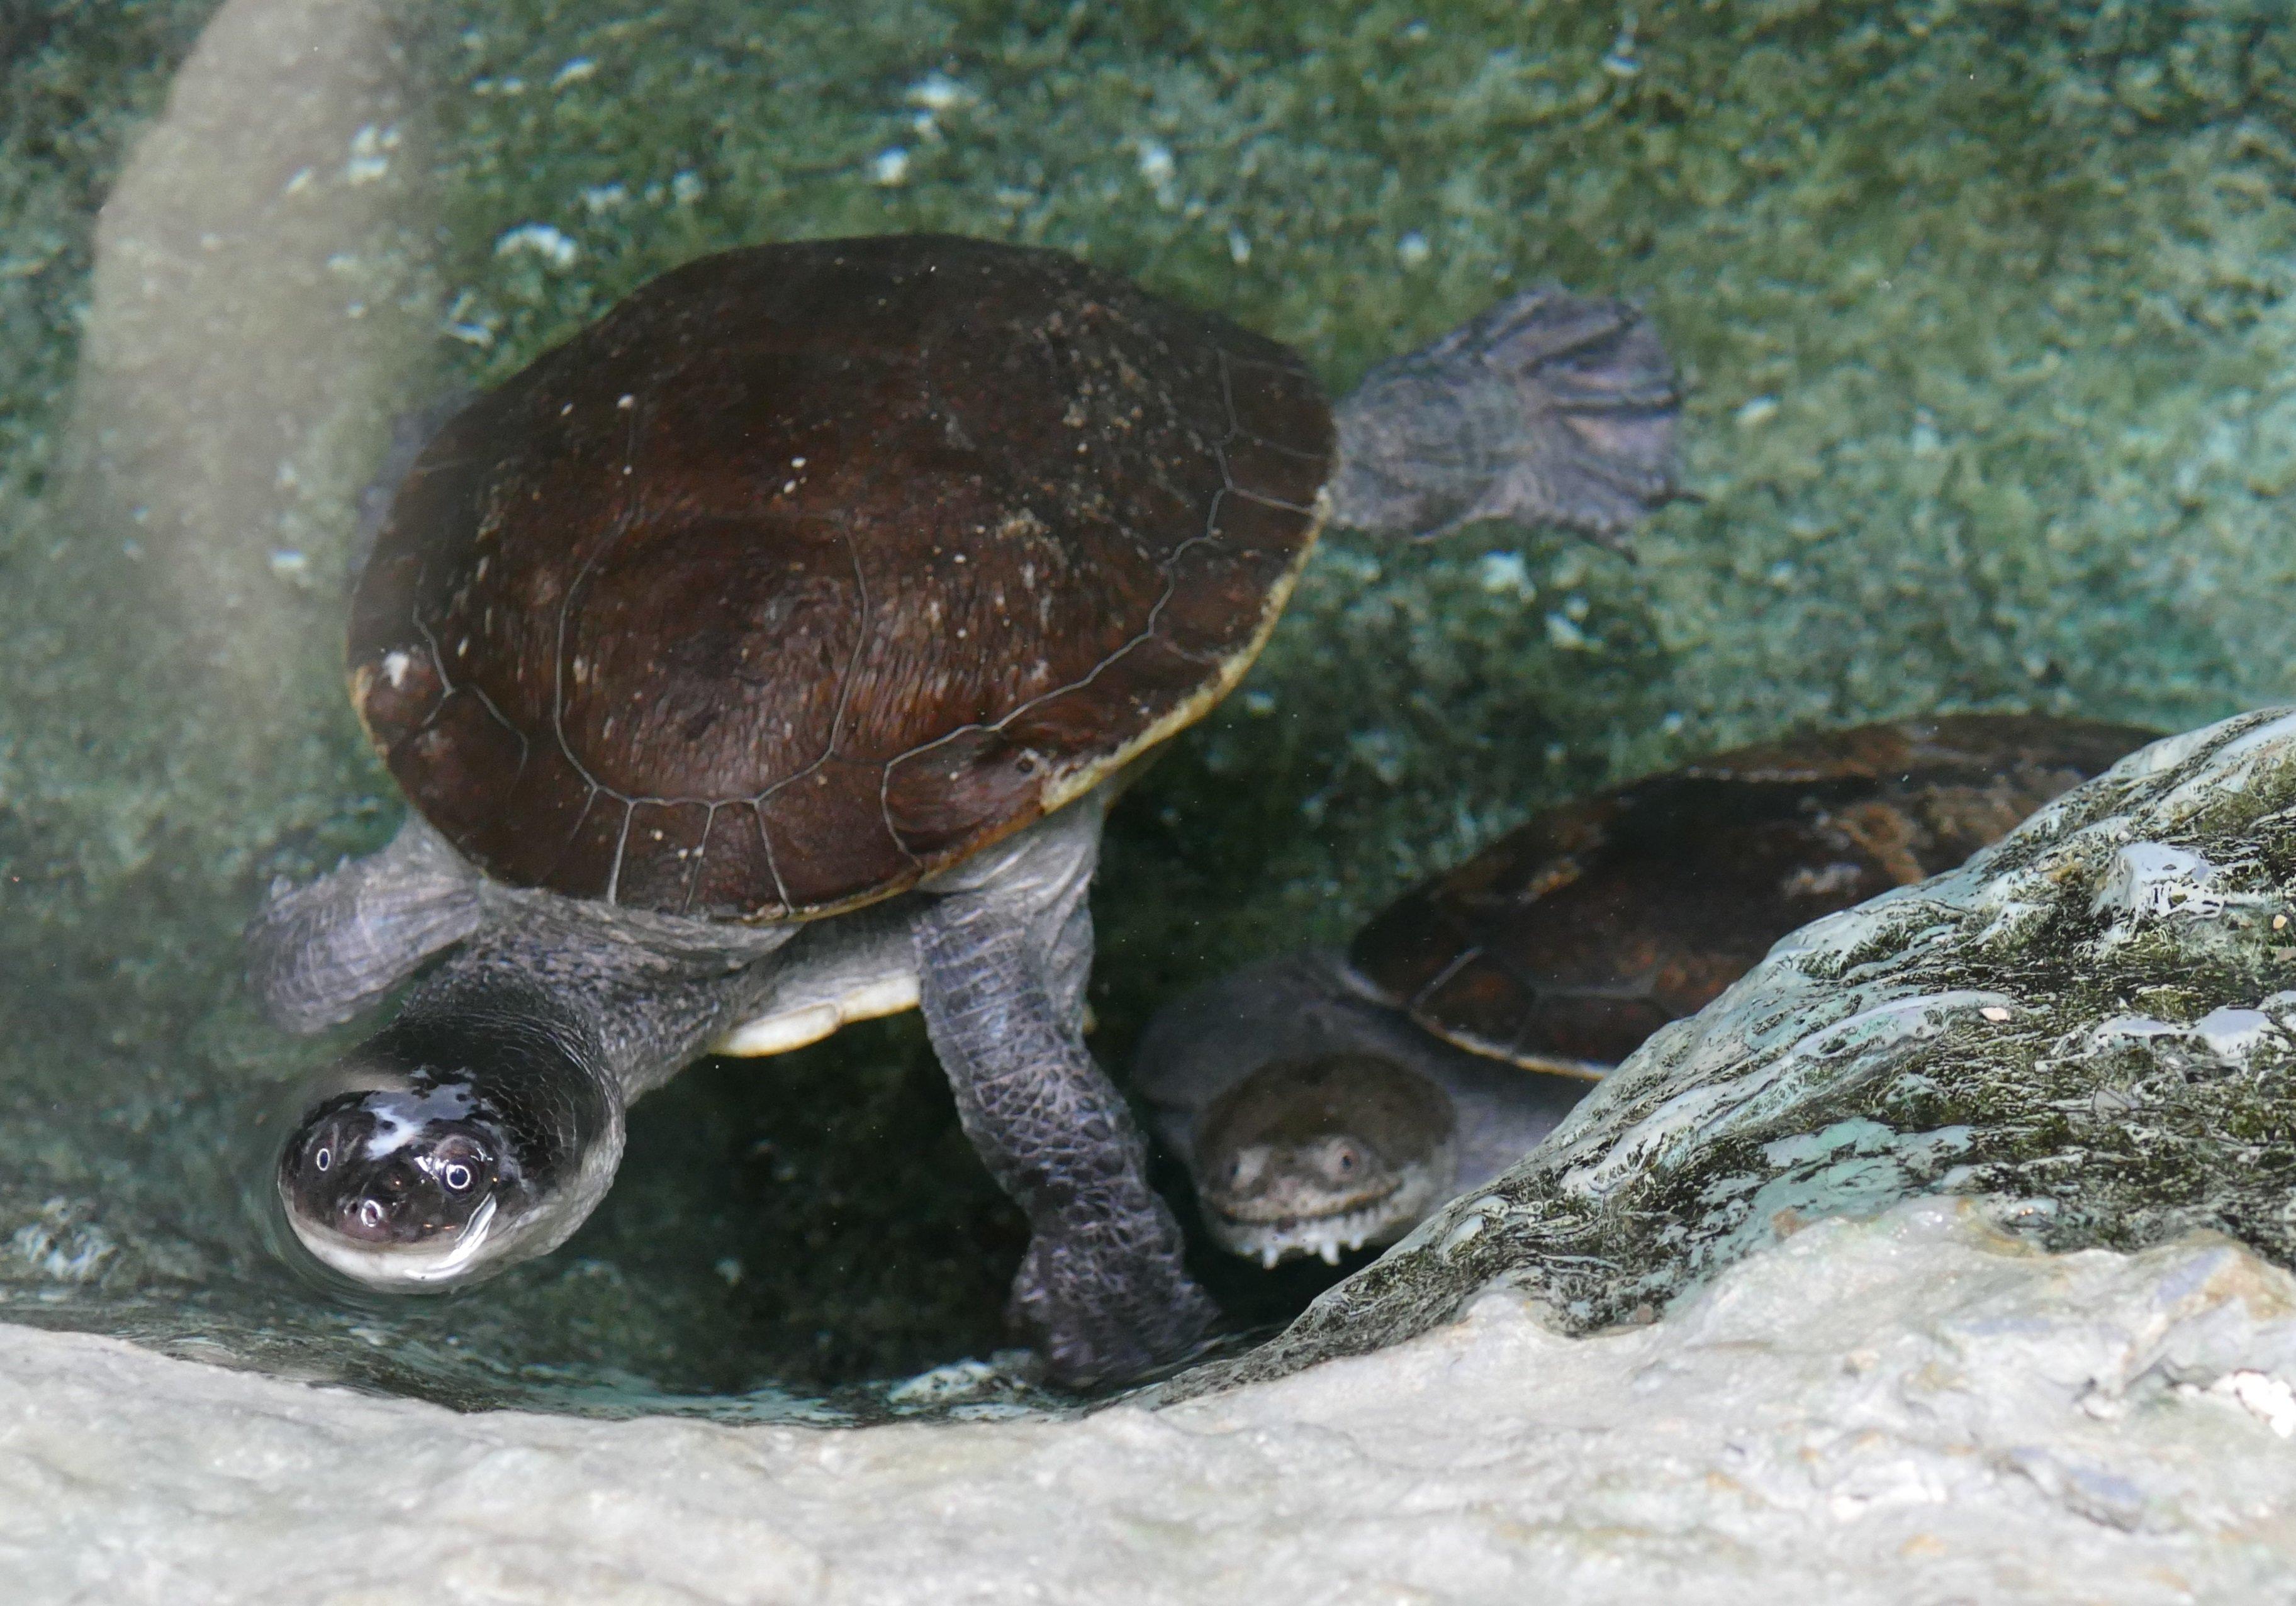 はちゅうるい館の仲間たち(11)2種のナガクビガメ